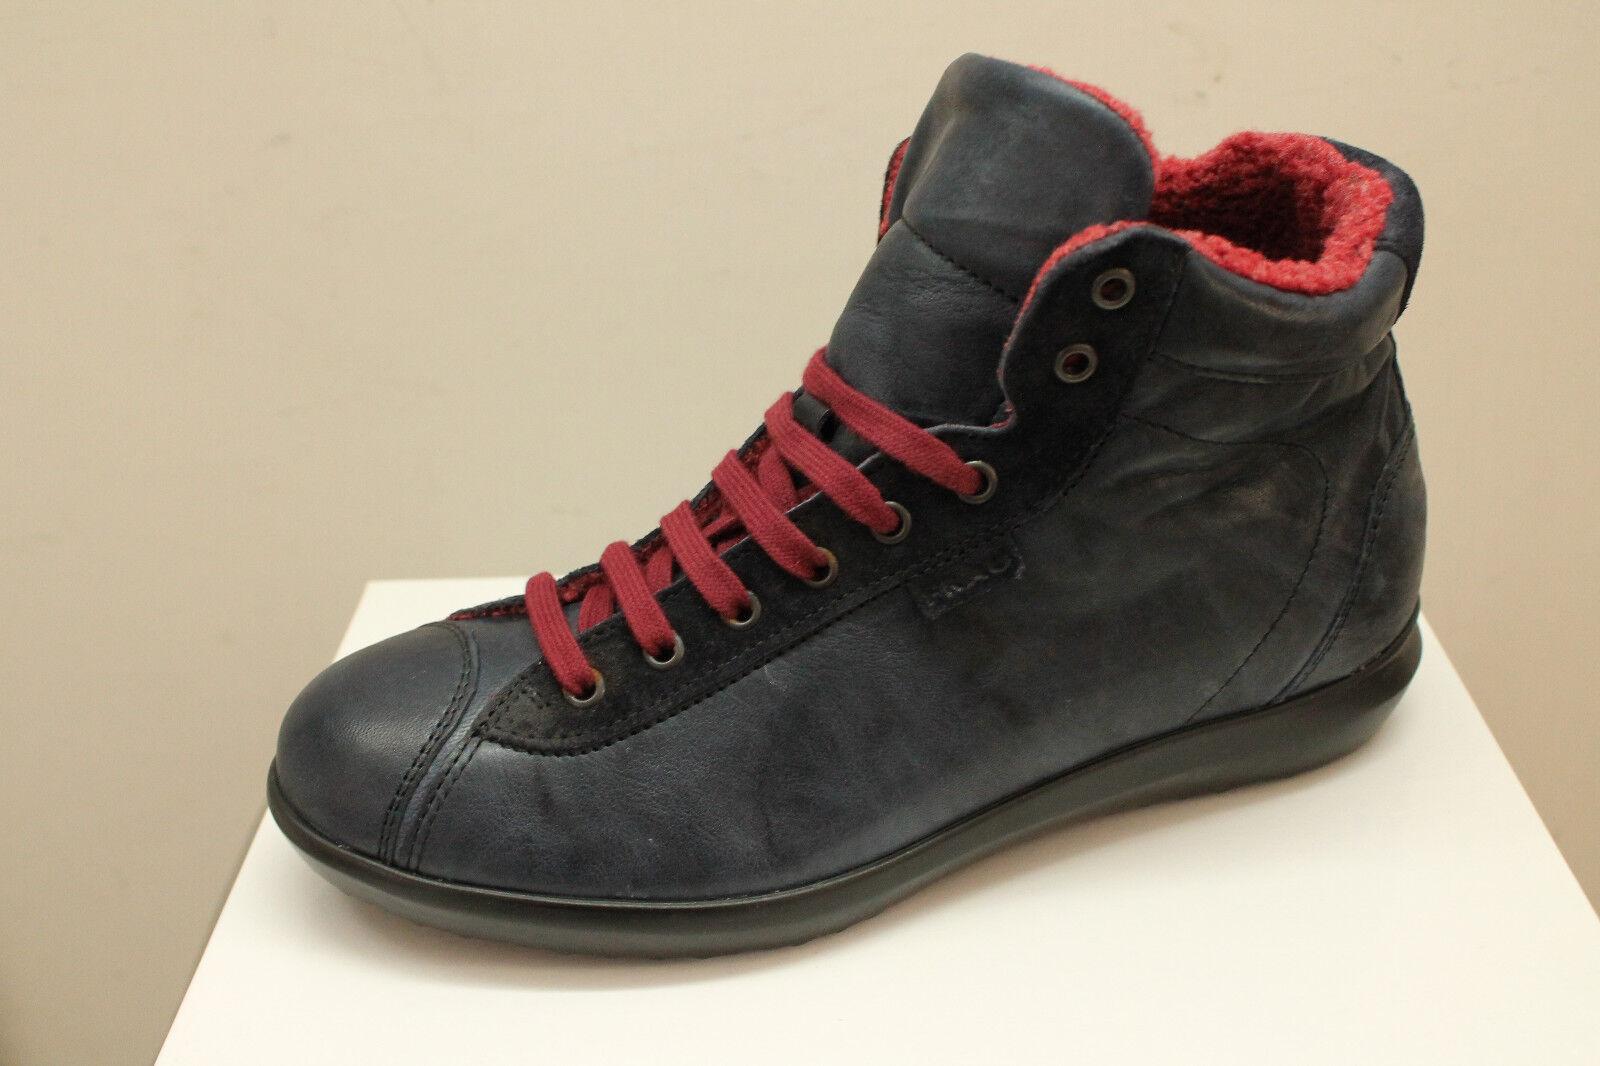 zapatillas listino alta scarponcino Frau 48T9 azul lana tipo Camper listino zapatillas - 30% 6caad4